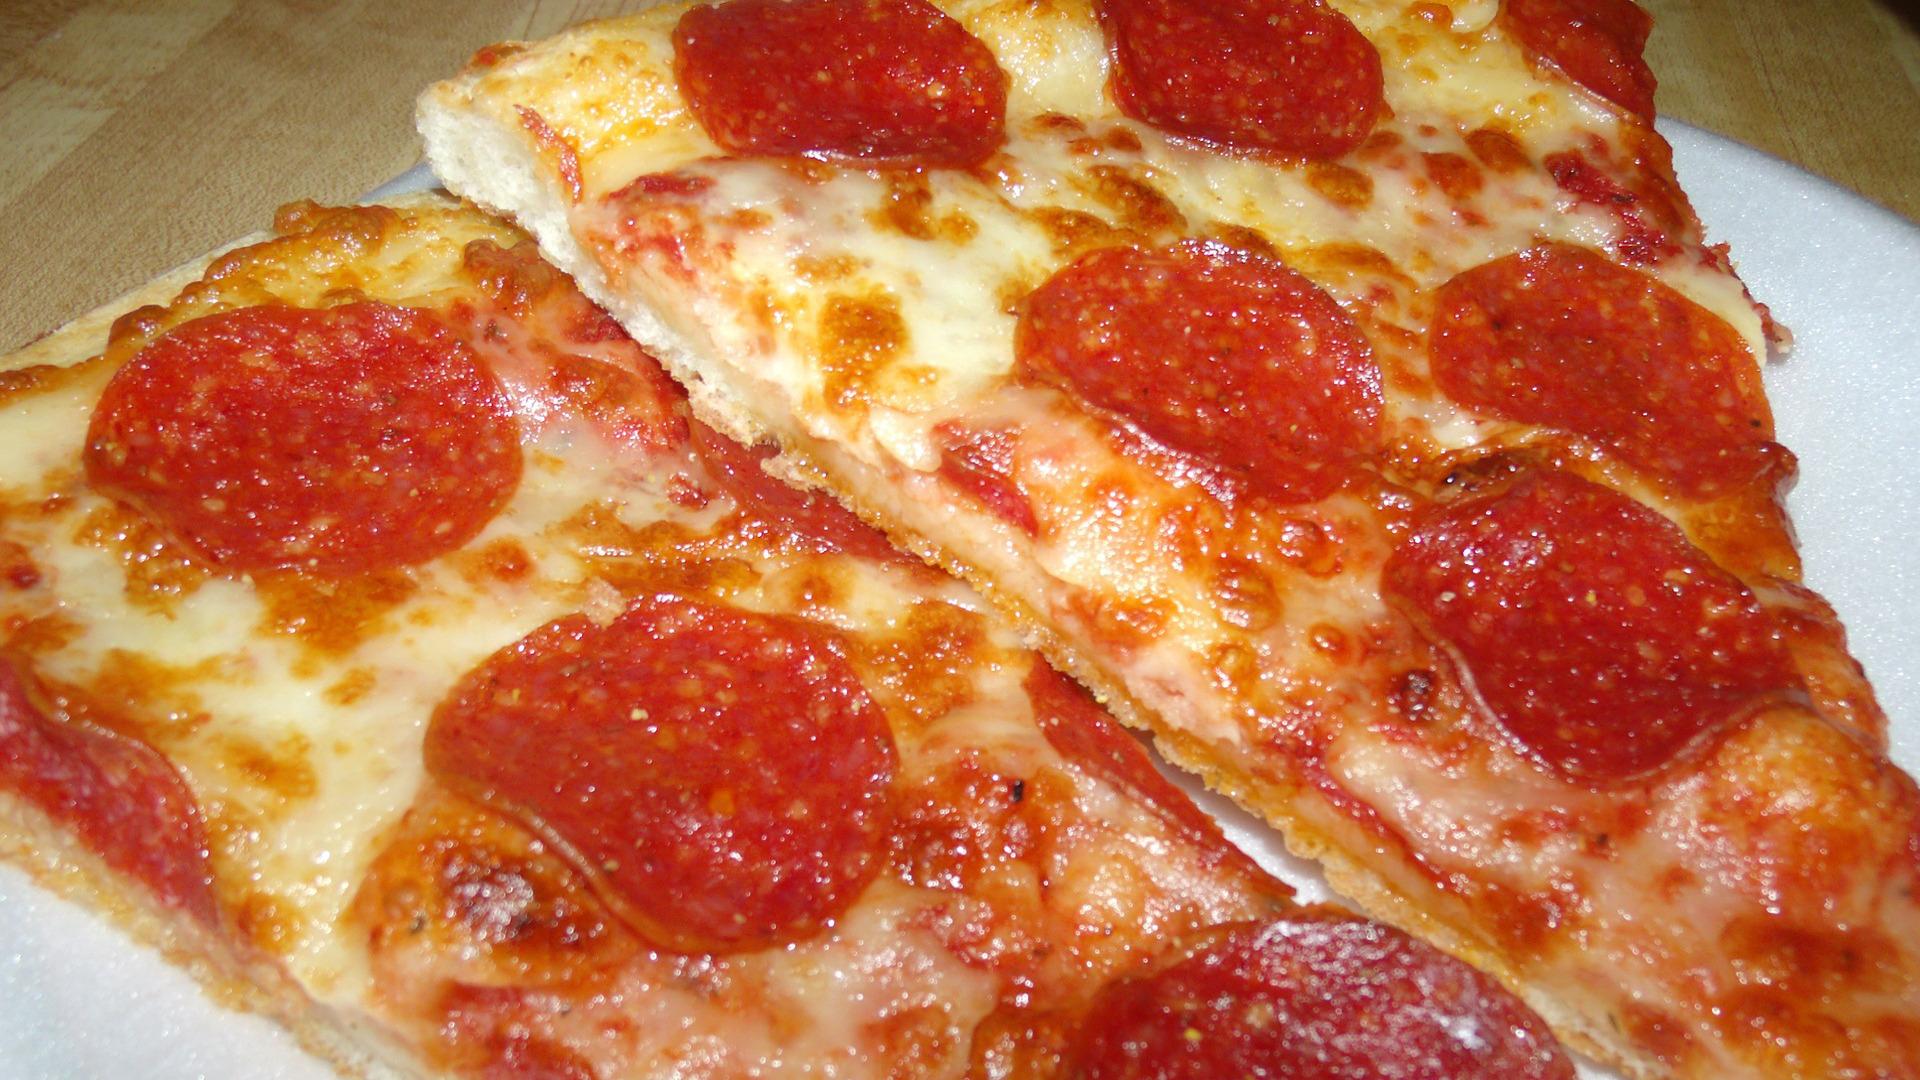 la-mejor-forma-de-recalentar-pizza-1920